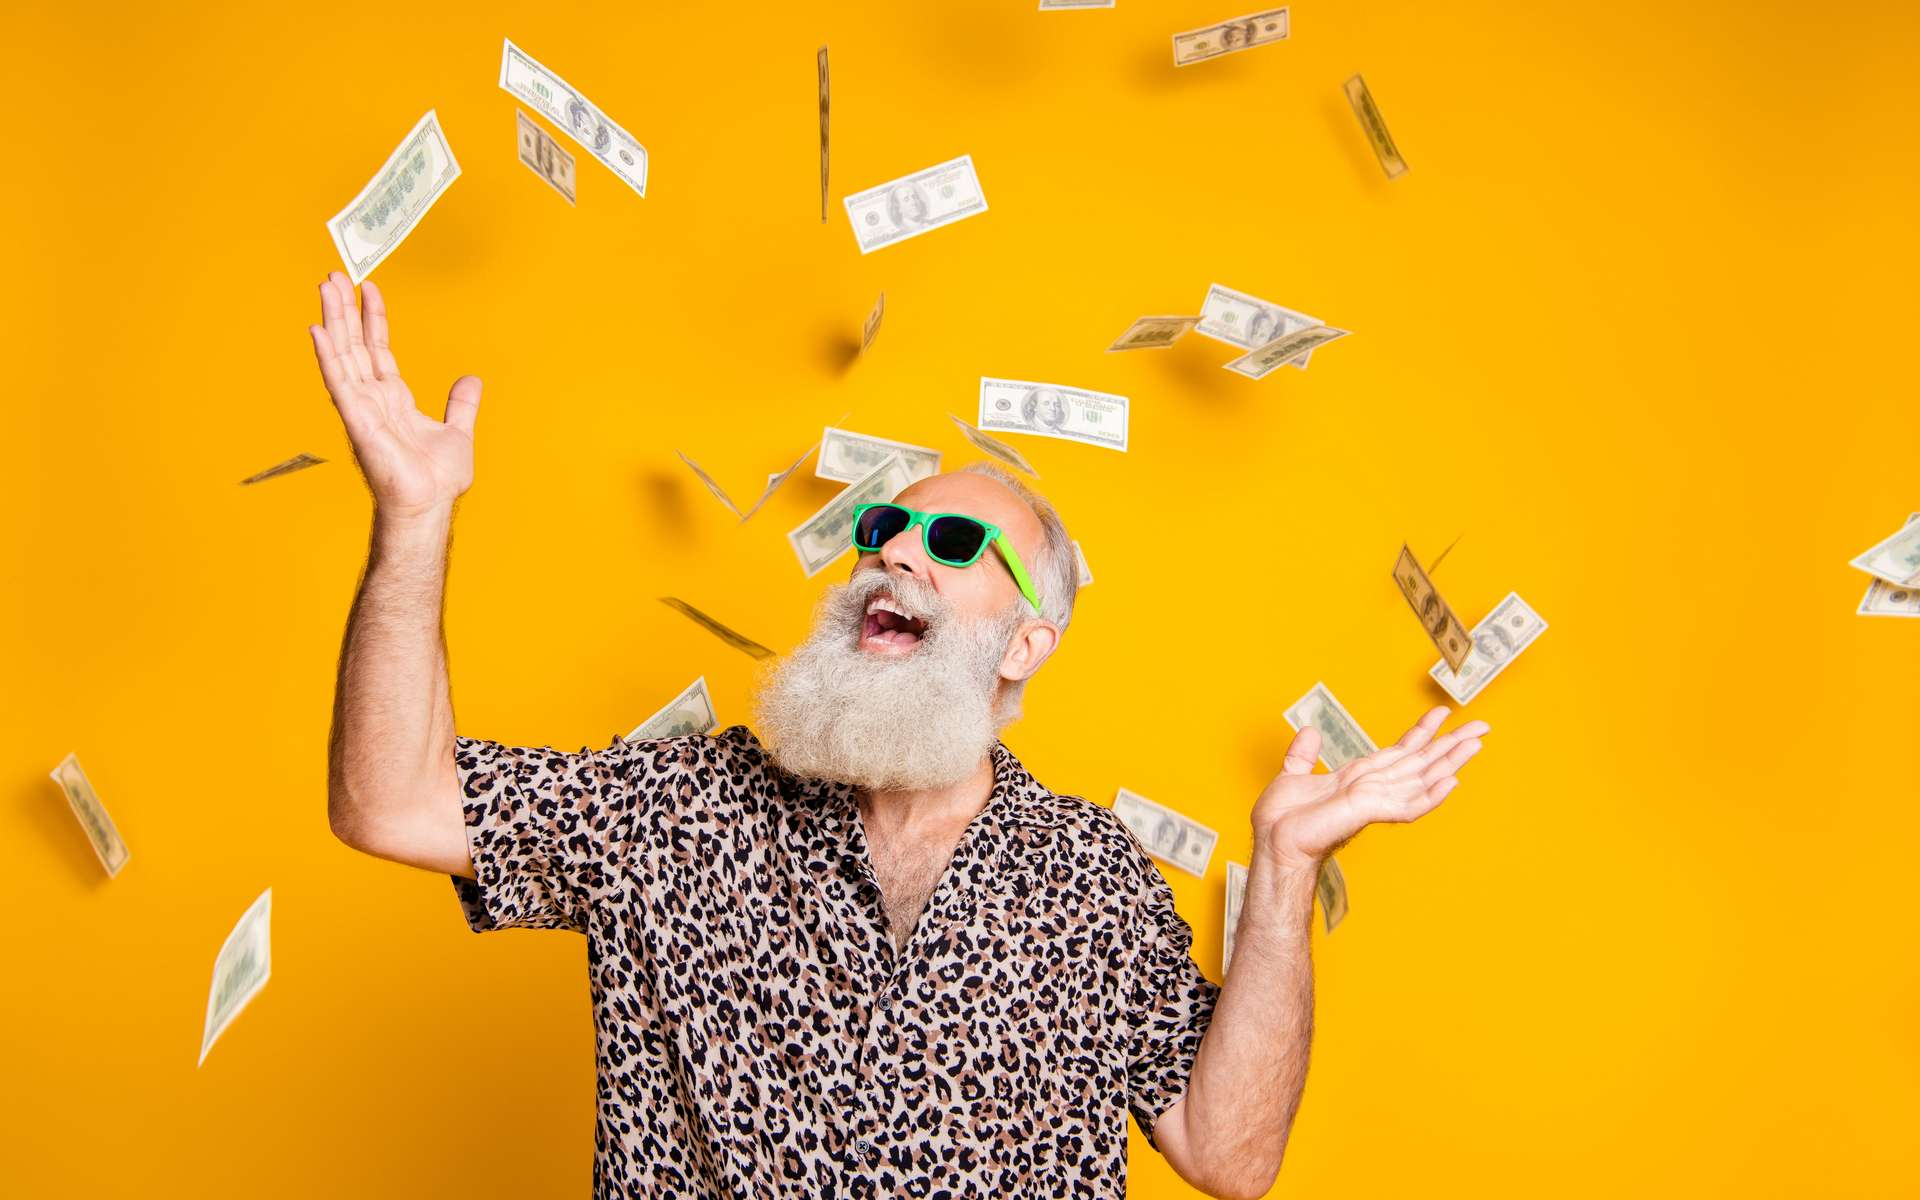 L'argent est bel et bien un facteur de bonheur. © deagreez, Adobe Stock